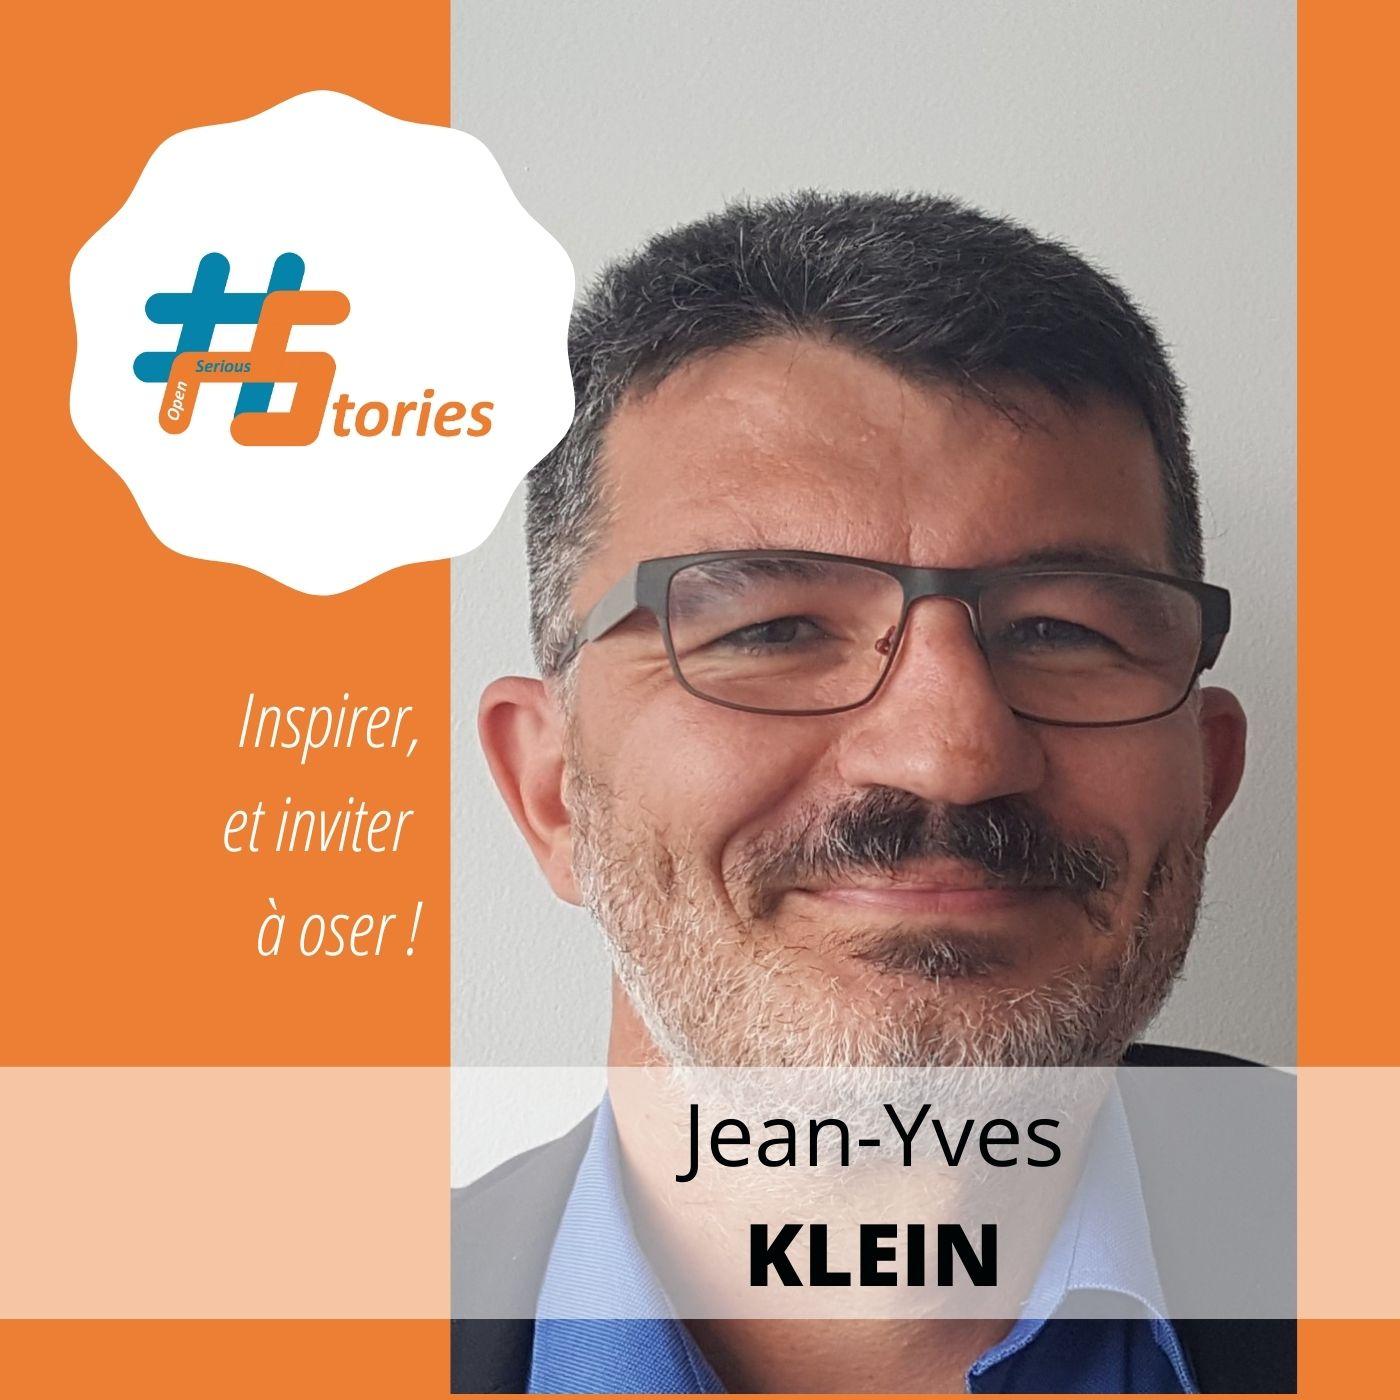 #OpenSeriousStories – Niveau 10 – Jean-Yves Klein